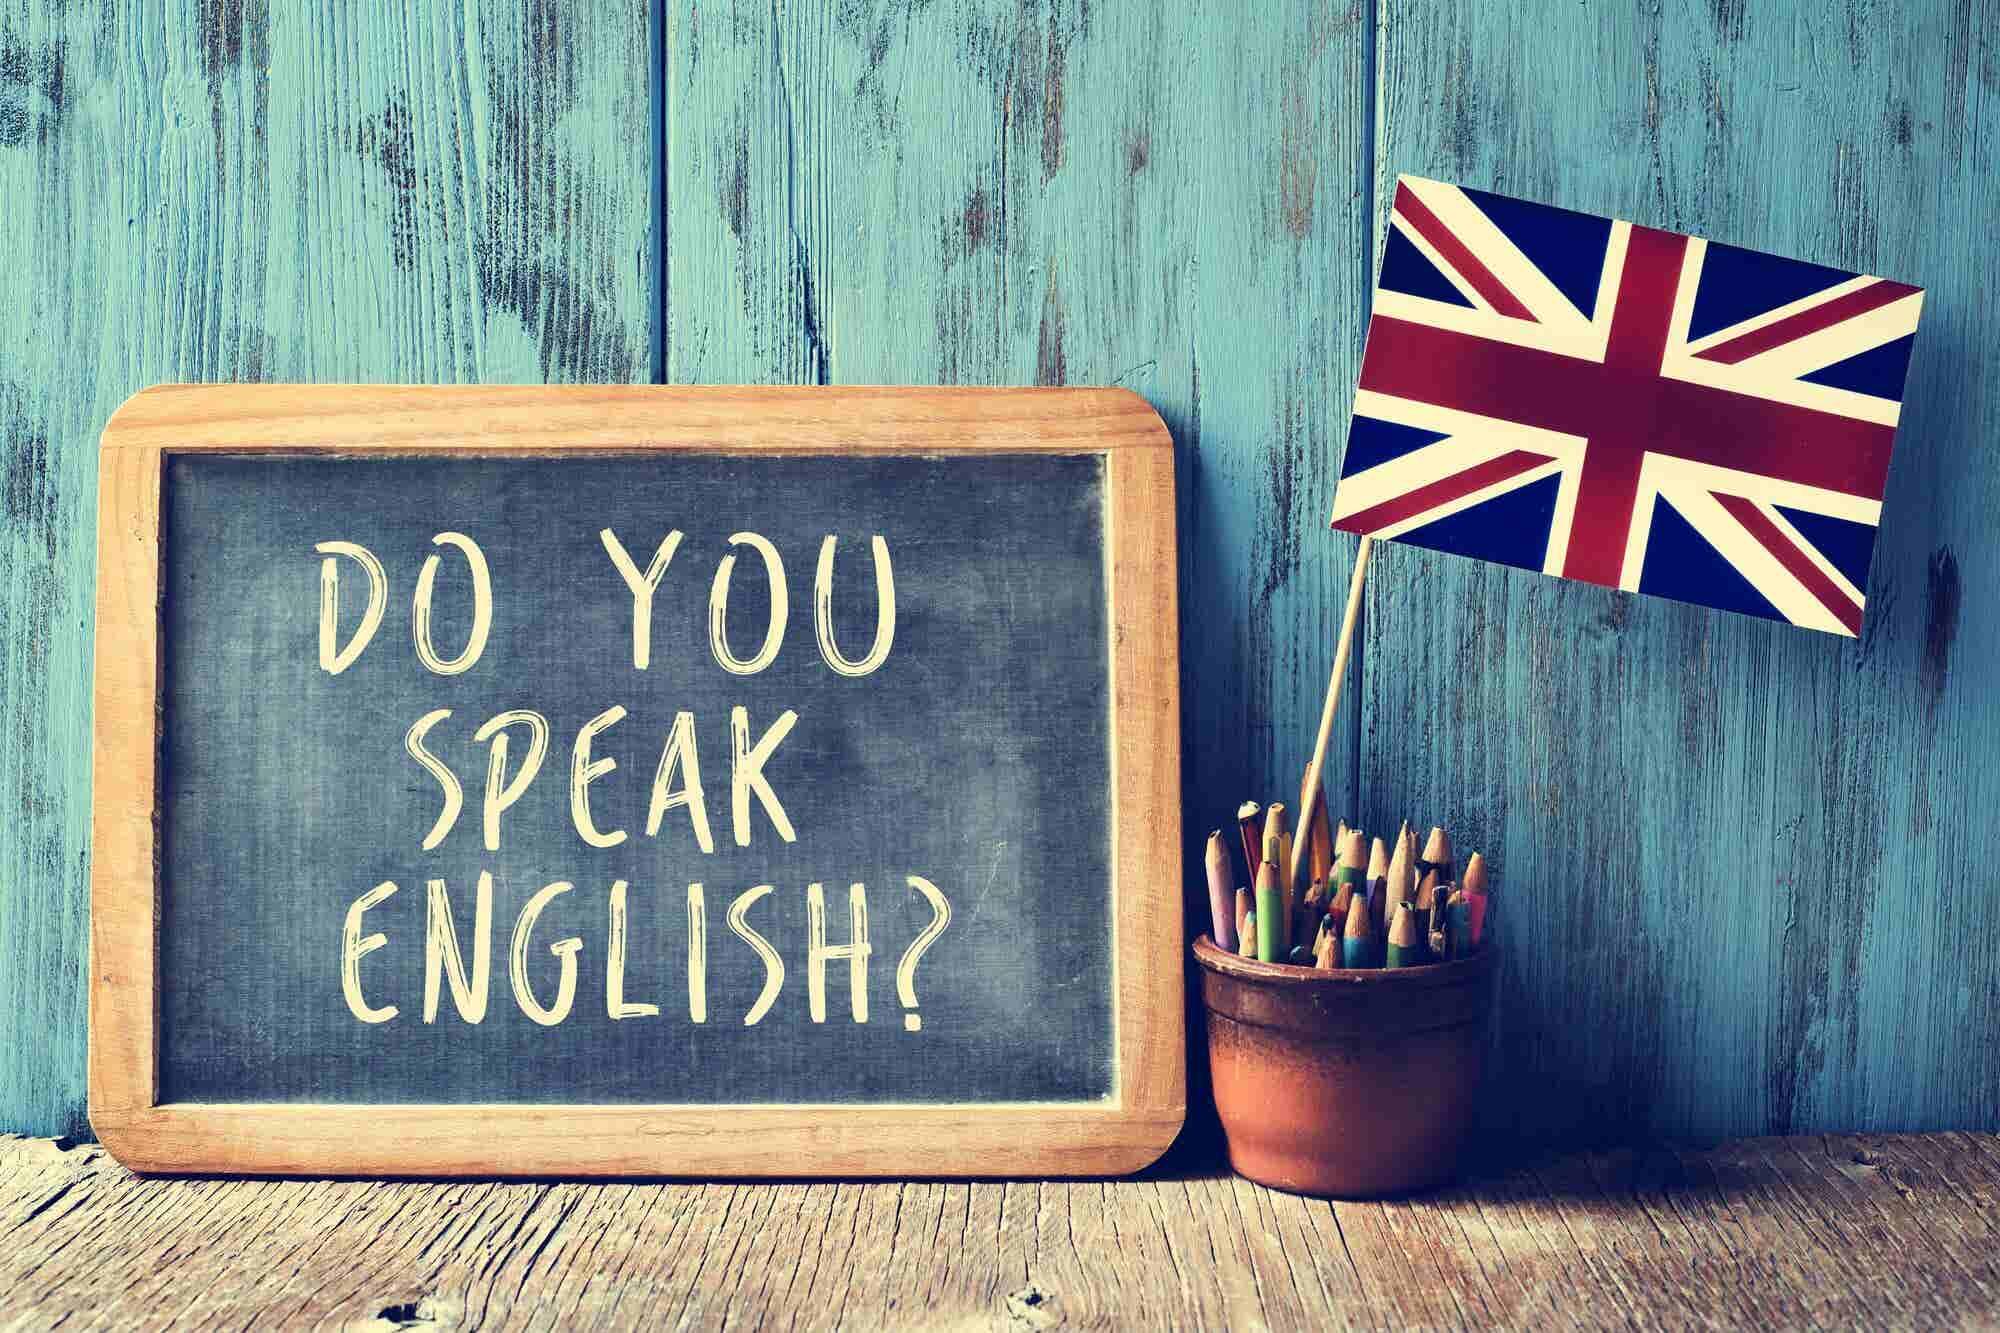 Solo 14% de mexicanos tiene un nivel de inglés avanzado